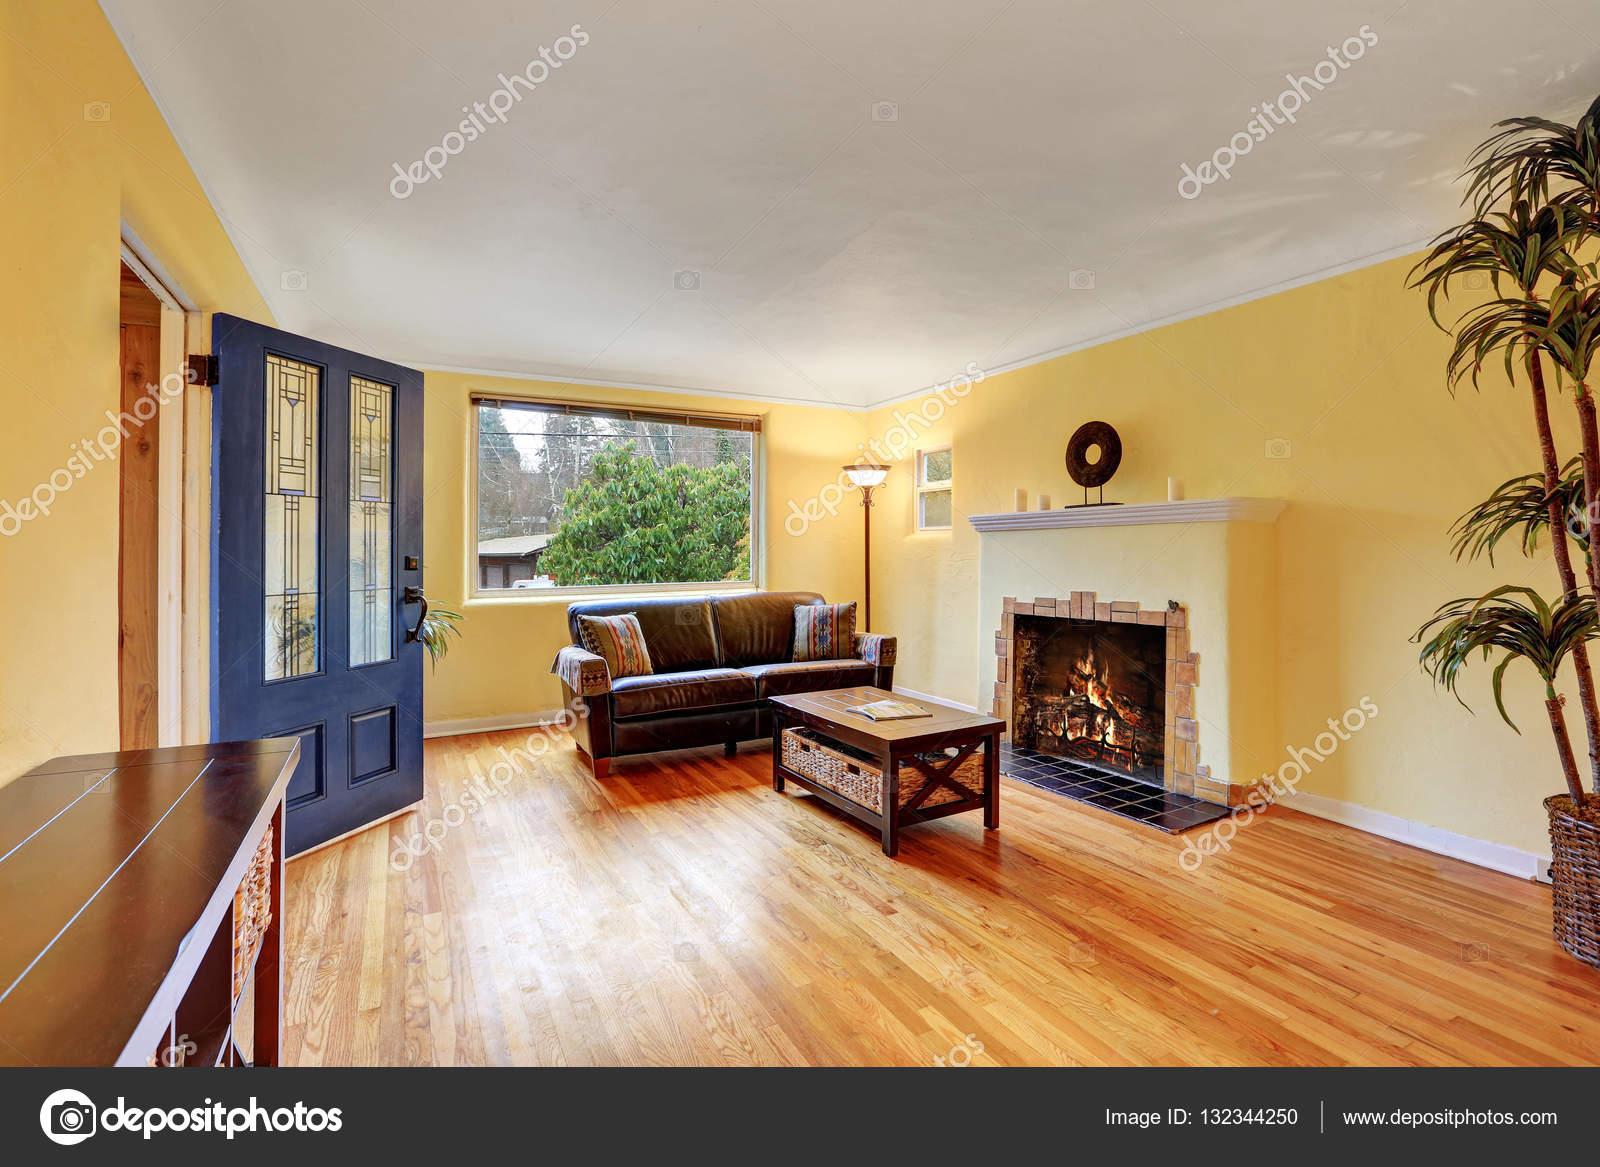 https://st3.depositphotos.com/1041088/13234/i/1600/depositphotos_132344250-stockafbeelding-gezellige-woonkamer-interieur-met-warme.jpg